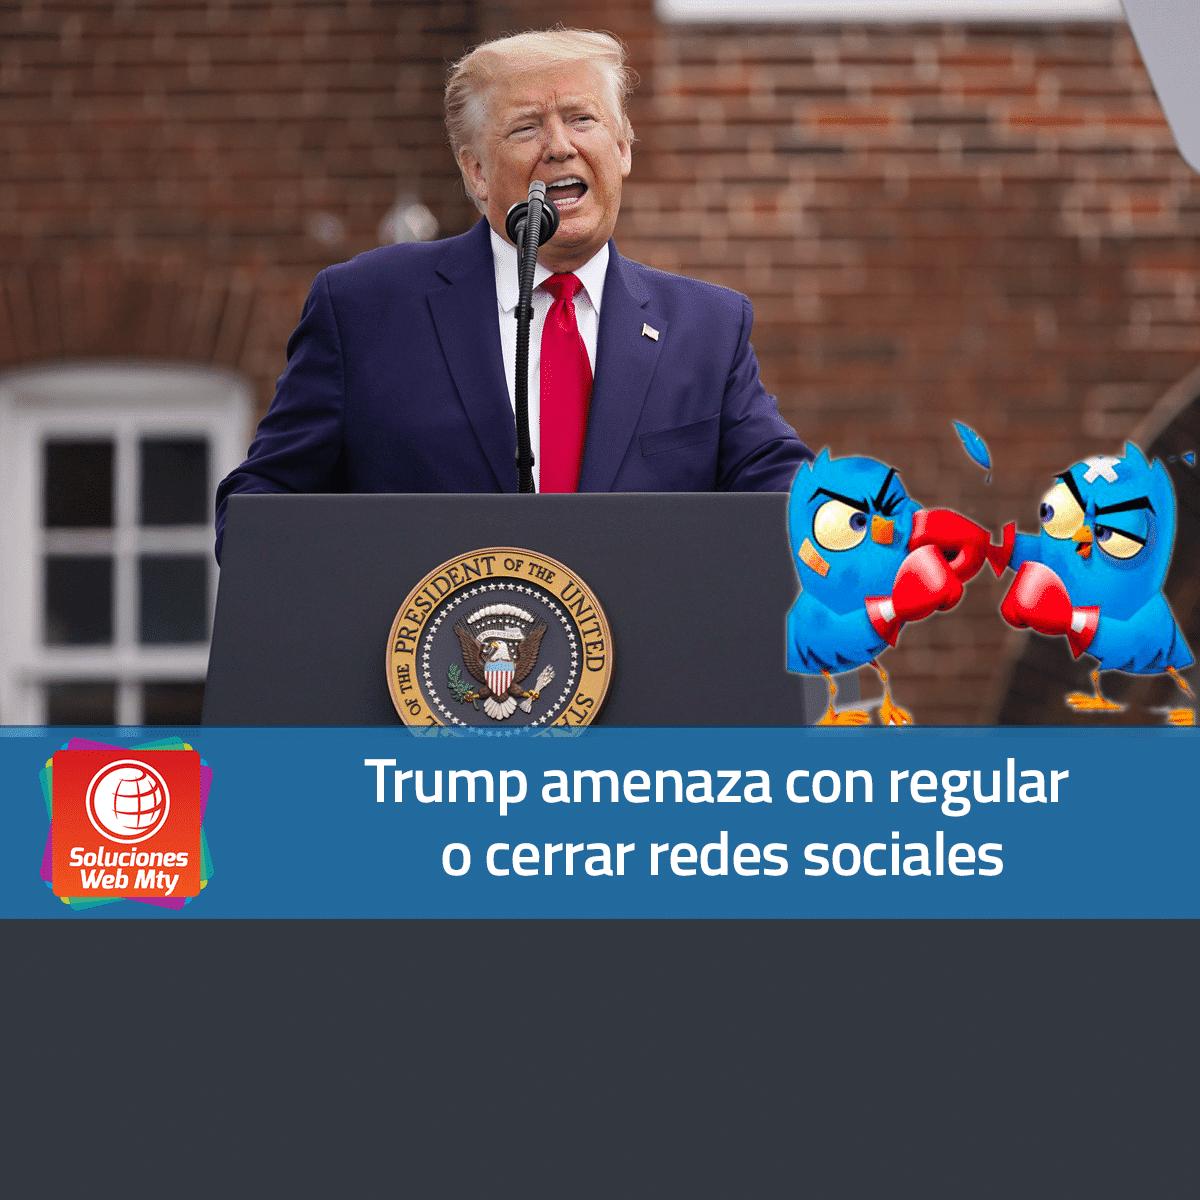 Trump amenaza con regular o cerrar redes sociales